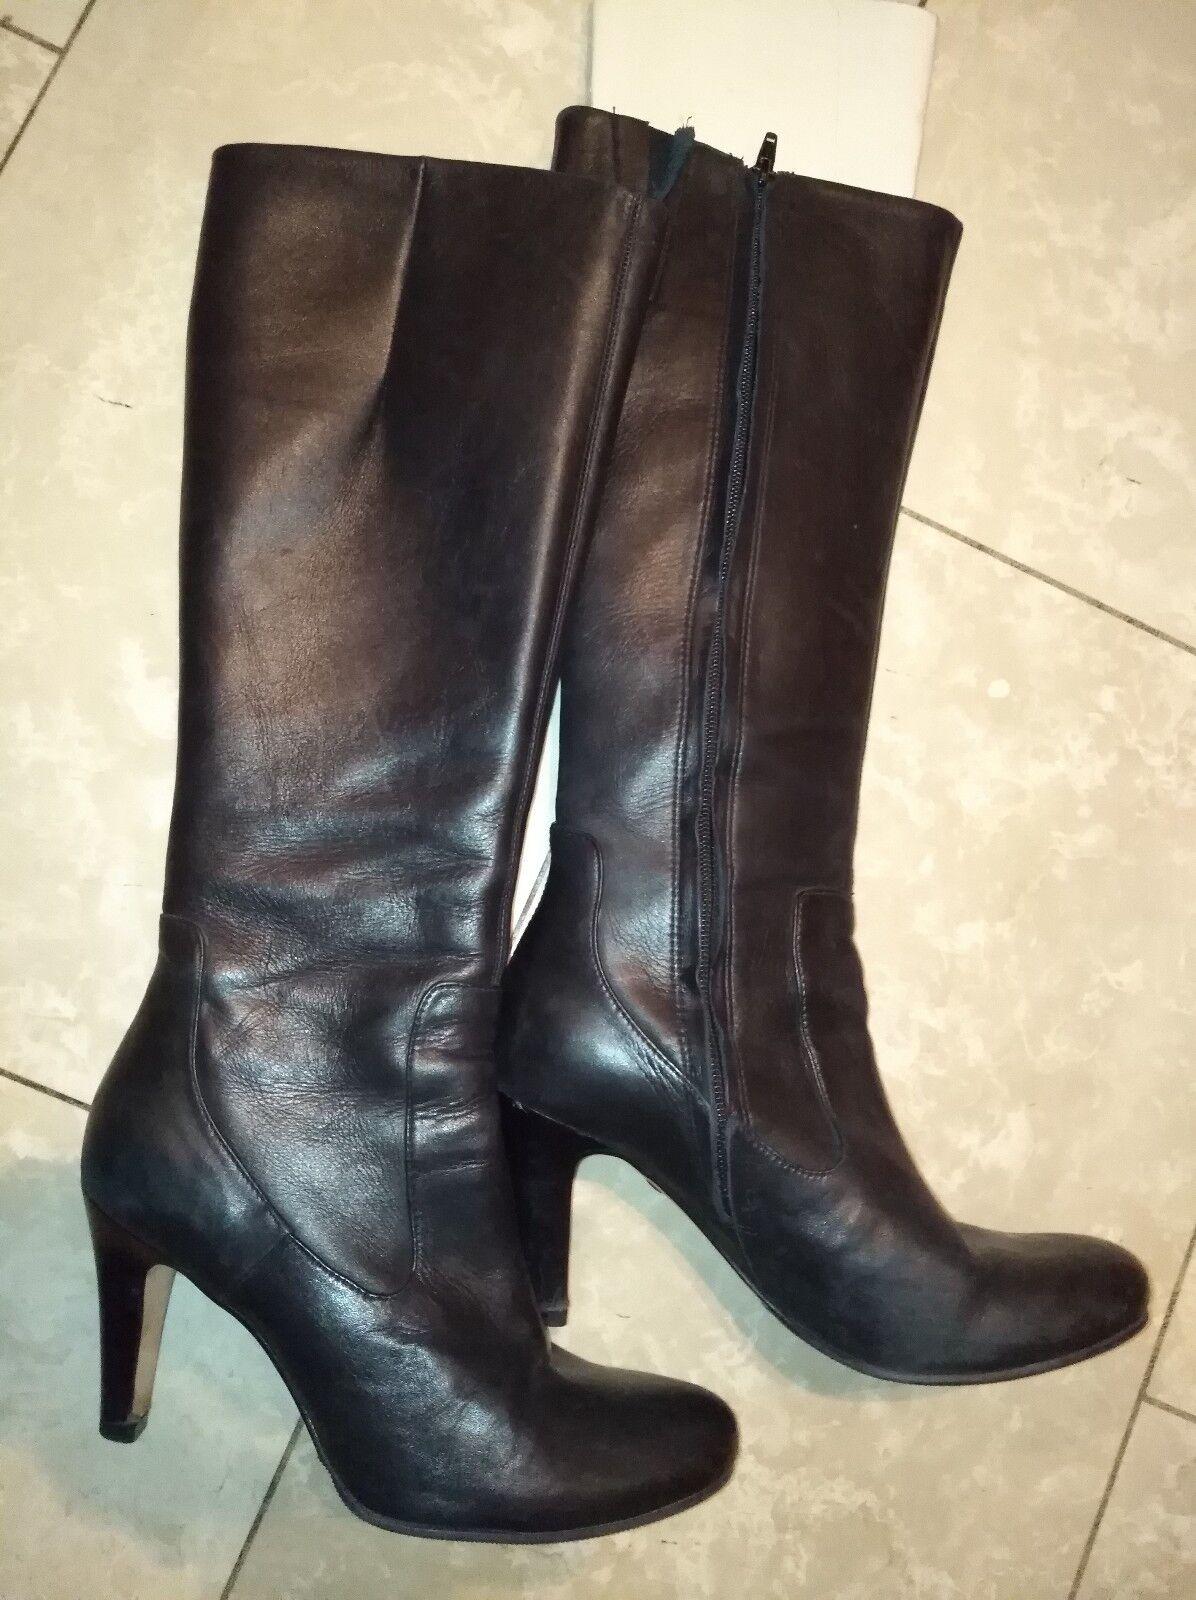 Bottes-Bottes femmes noir taille 37 Bottes en cuir